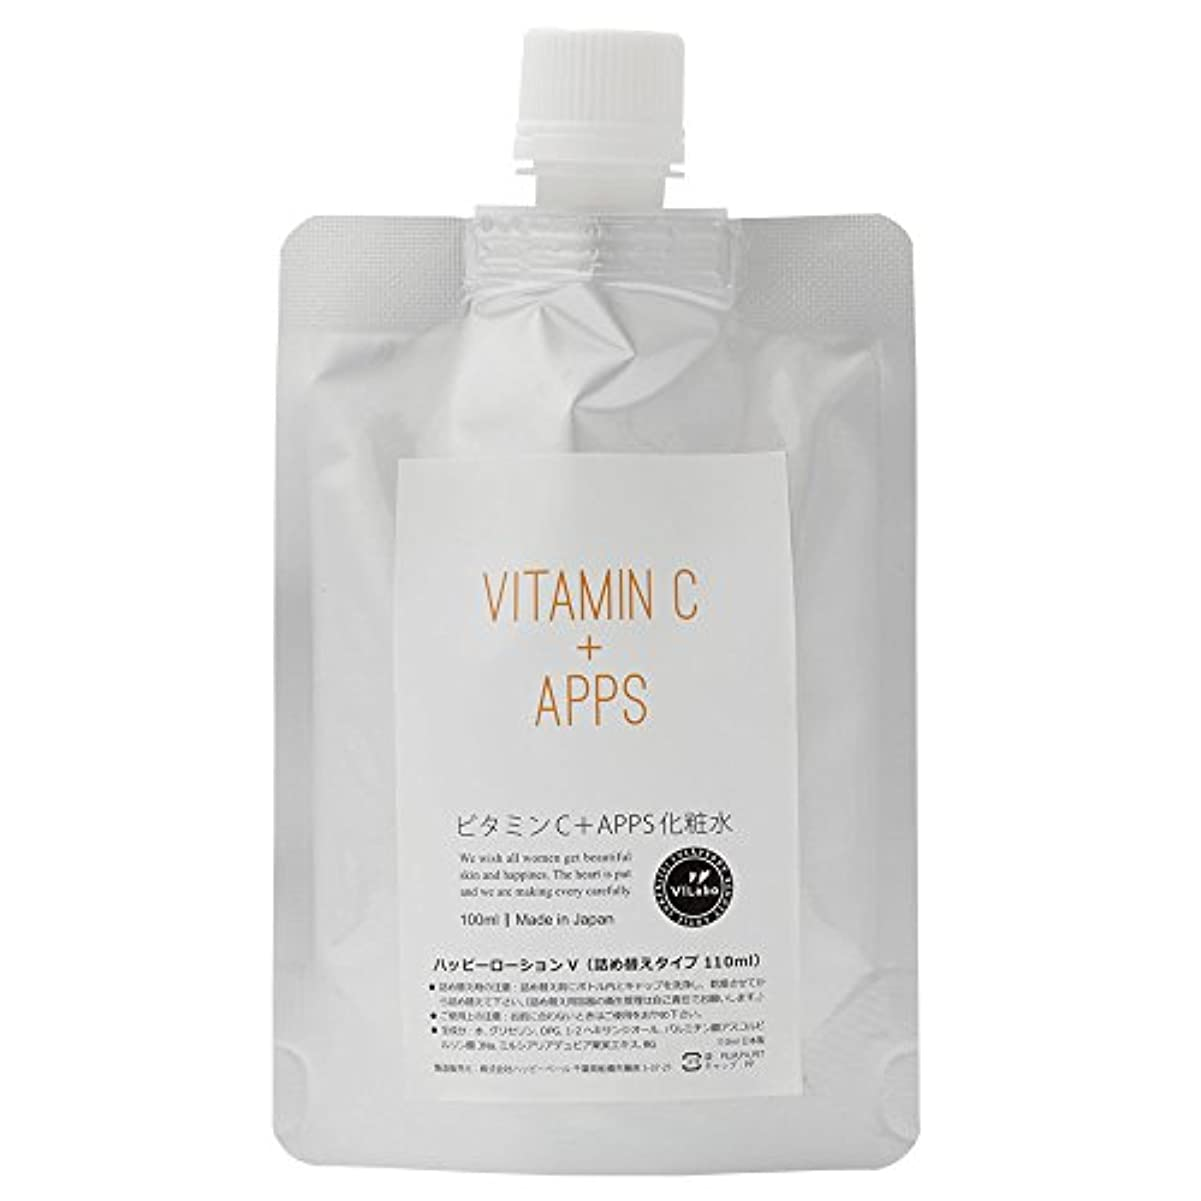 ライナー体細胞平野ViLabo APPS+天然ビタミンC化粧水 (ハッピーローションV)110ml 詰め替え用パウチ ビラボ